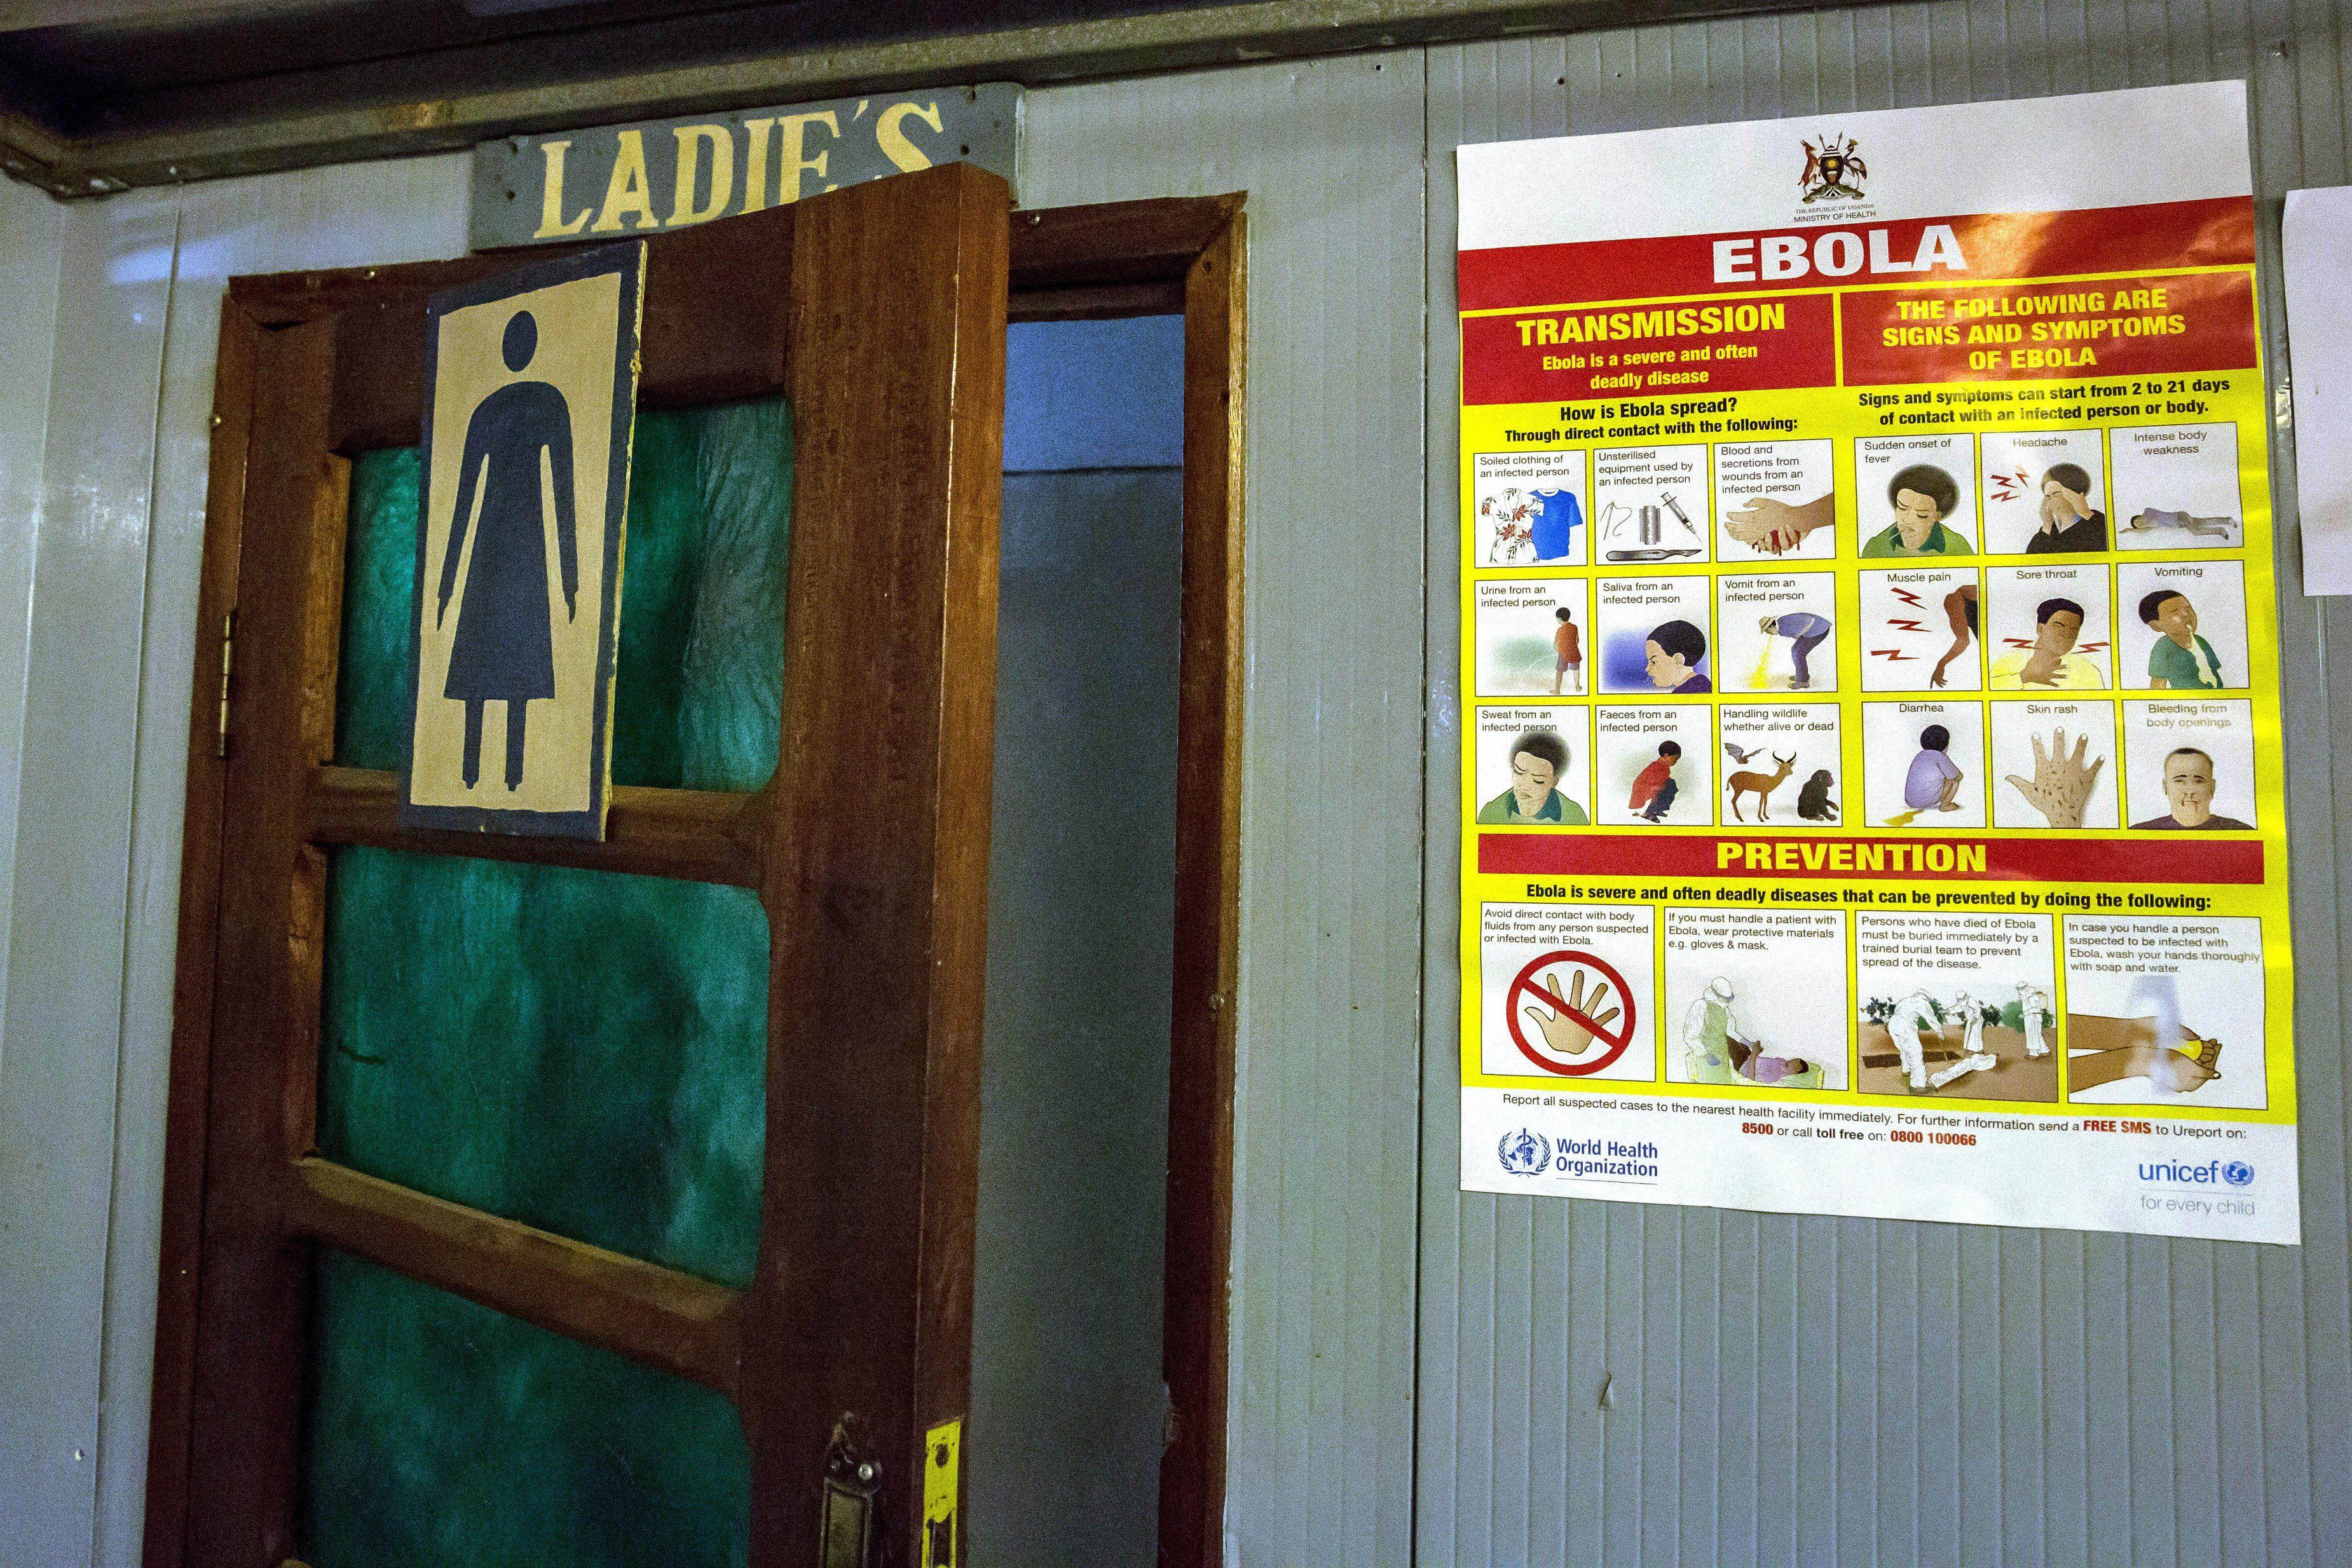 Información acerca del ébola a la entrada de un baño de mujeres en Aeropuerto Internacional de Goma, en República Democrática del Congo SALLY HAYDEN / ZUMA PRESS / CONTACTOPHOTO